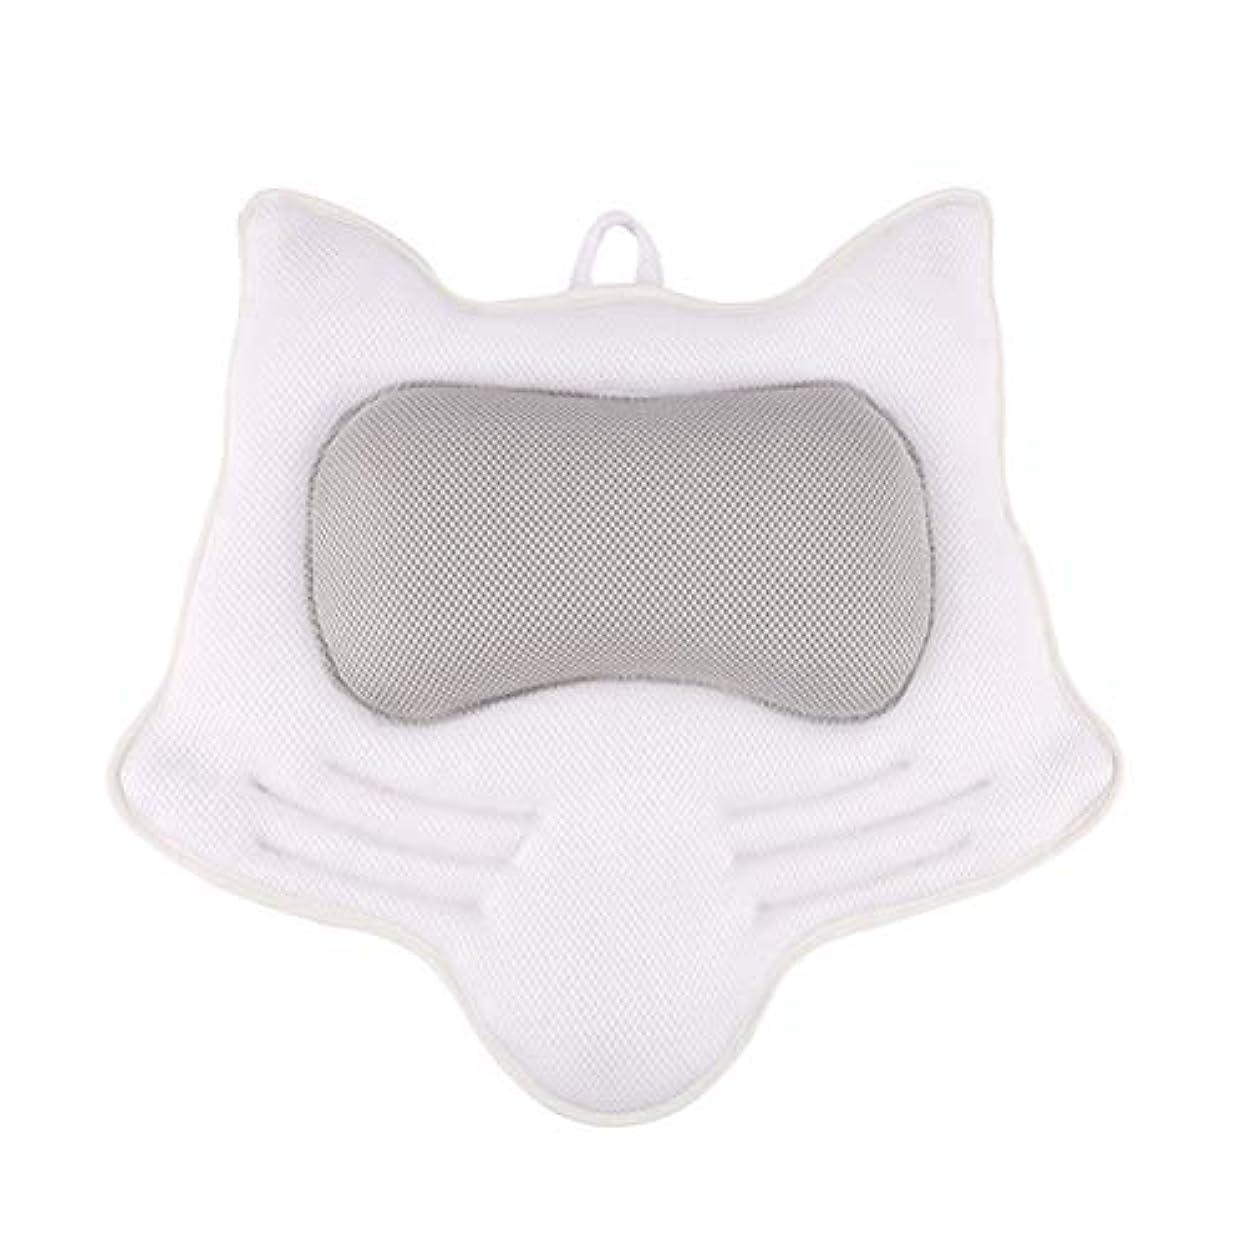 ケント歯科の場合SUPVOX お風呂まくら バスピロー 滑り止め付 バスタブ 人気 肩こり 熟睡 浴用品 ネックサポートサクションカップ ホワイト